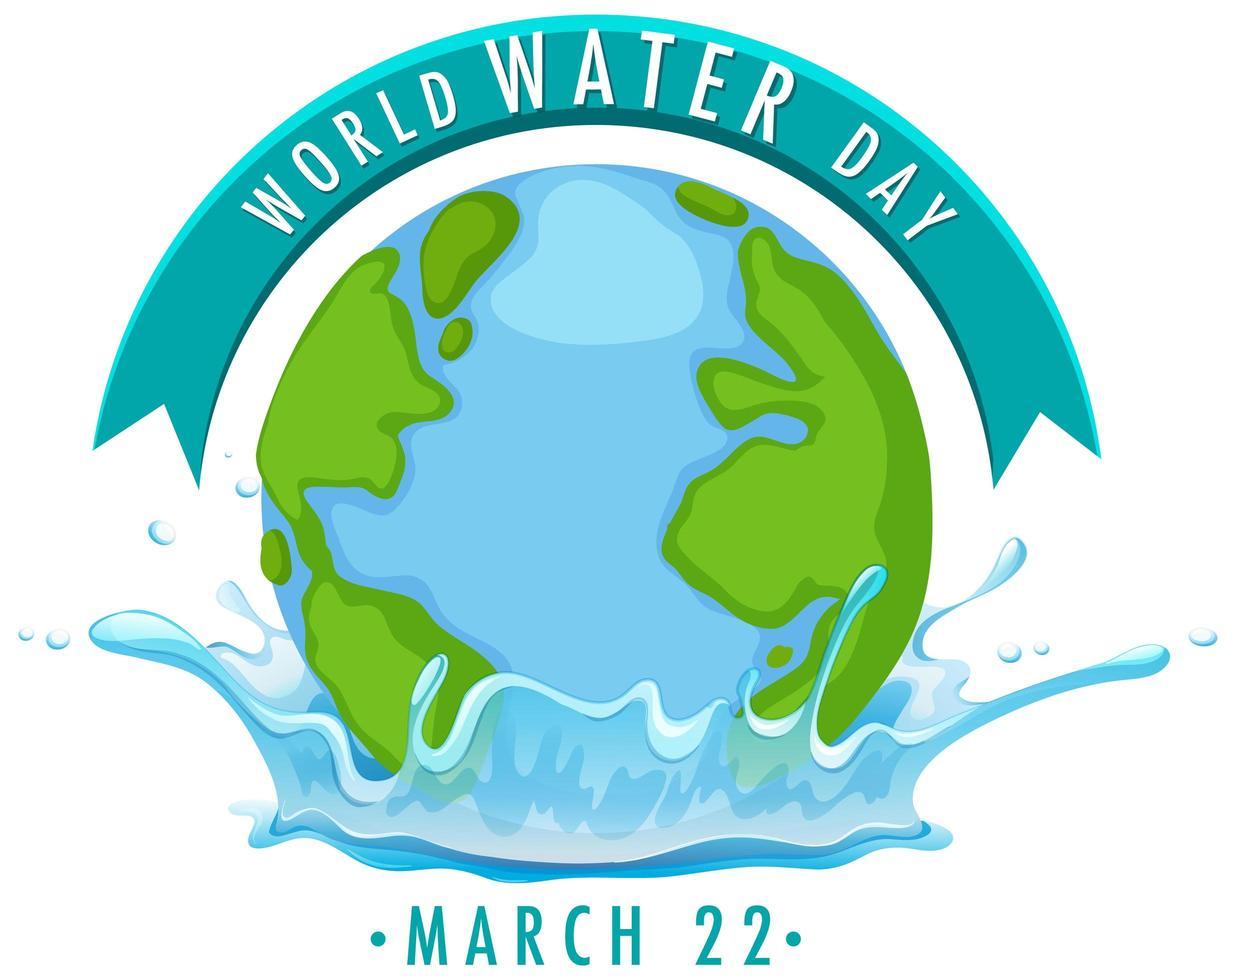 världens vattendag-ikon vektor